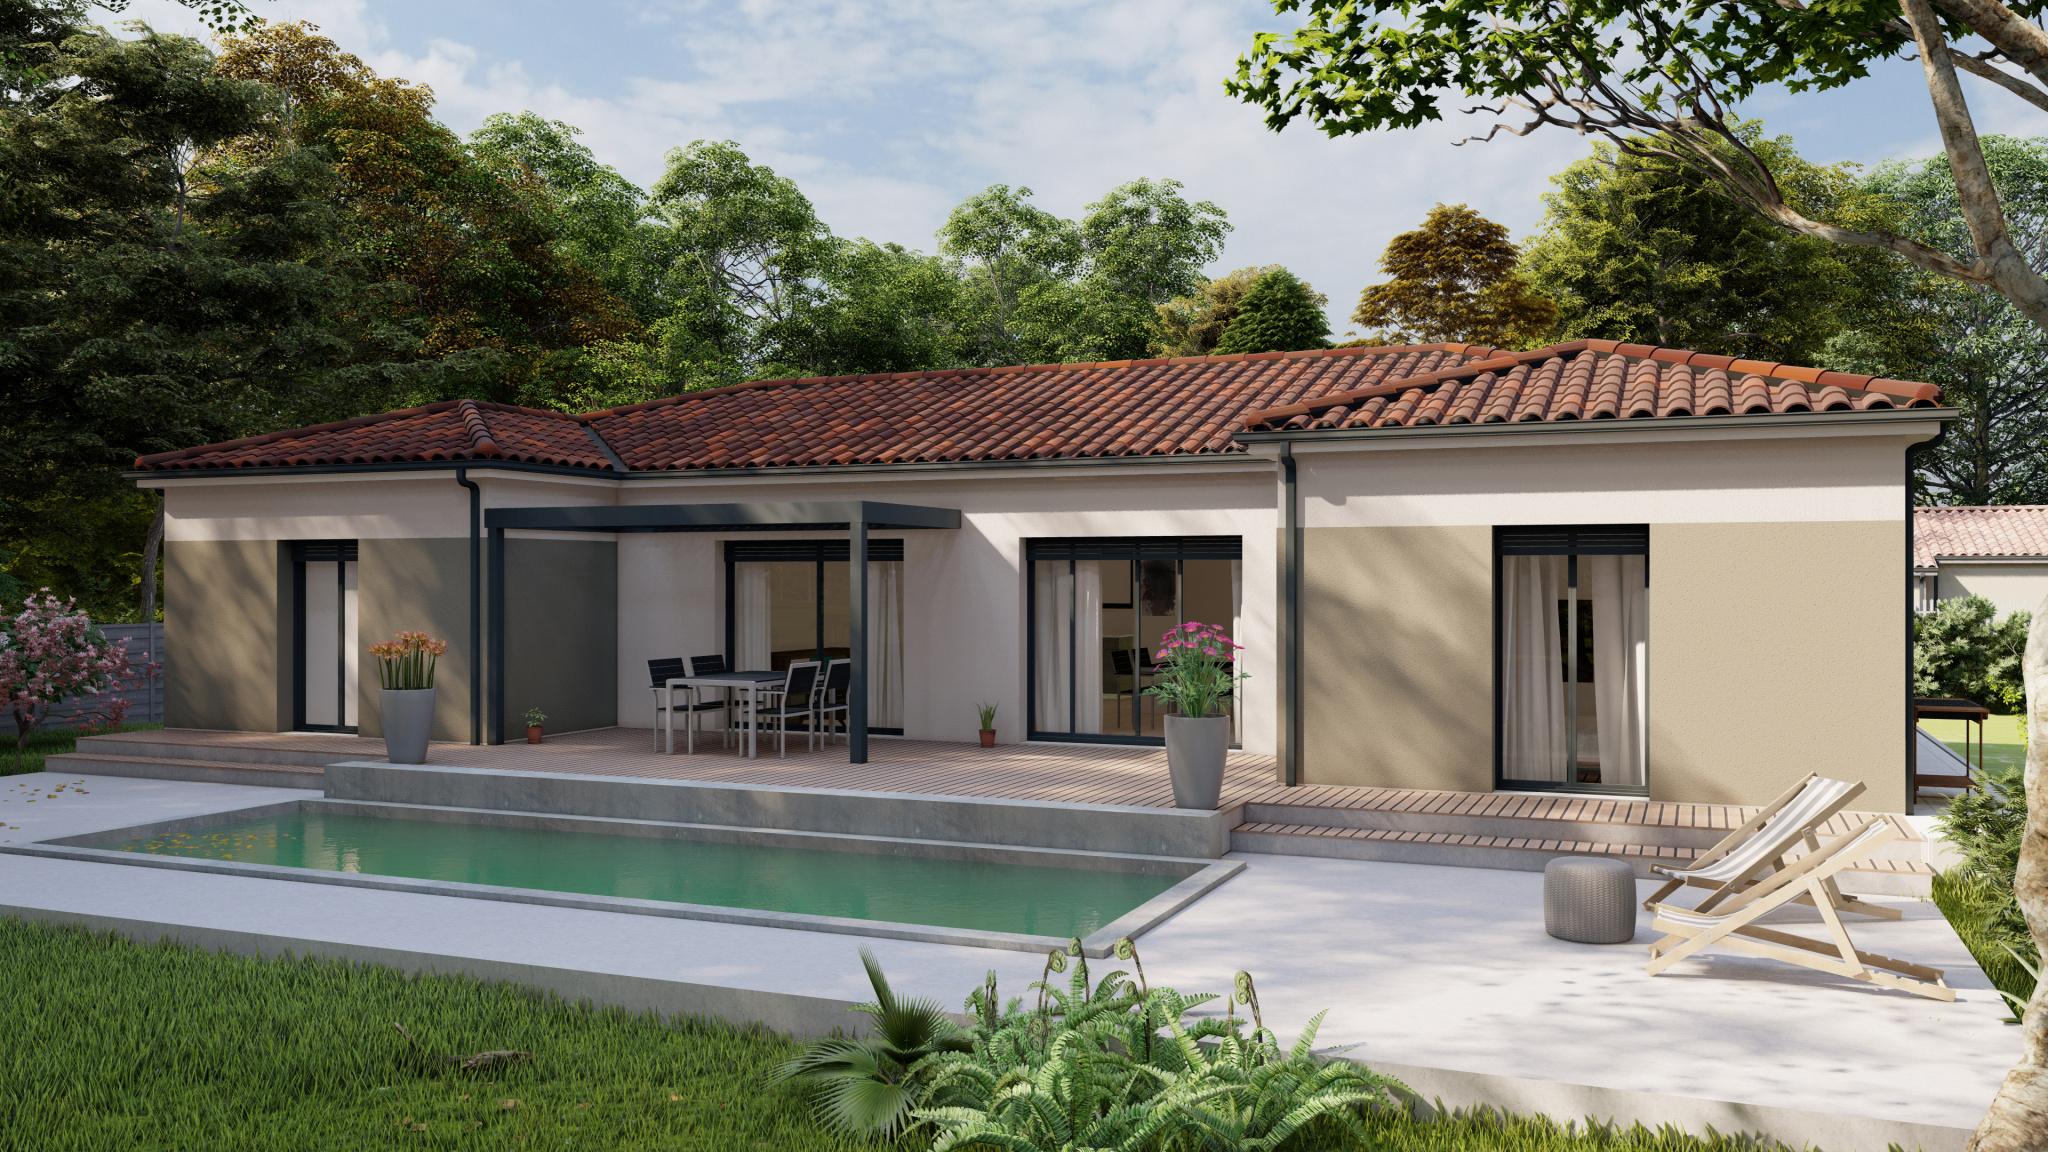 Vente maison à Astaffort (47220) de 125 m2 habitable sur terrain de 1689 m2